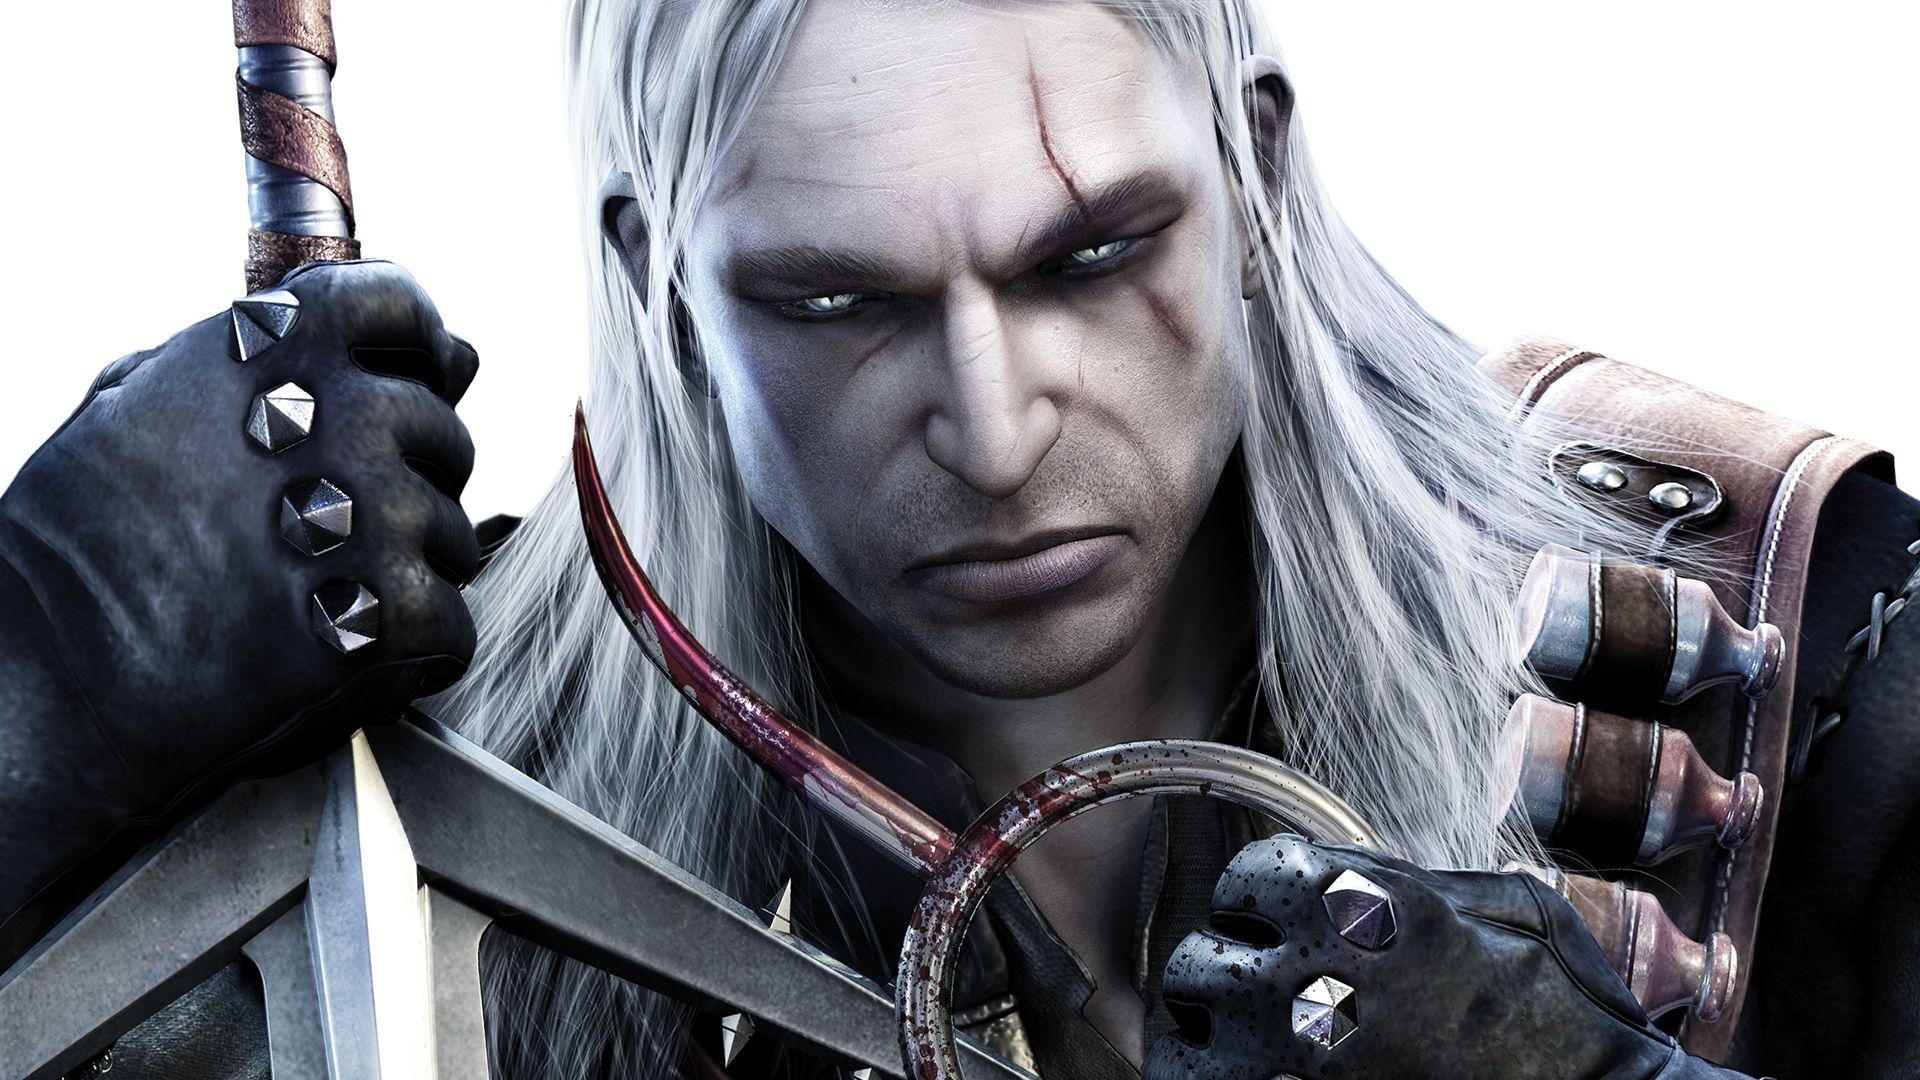 Первая The Witcher установила новый рекорд по количеству одновременно играющих спустя 11 лет после выхода